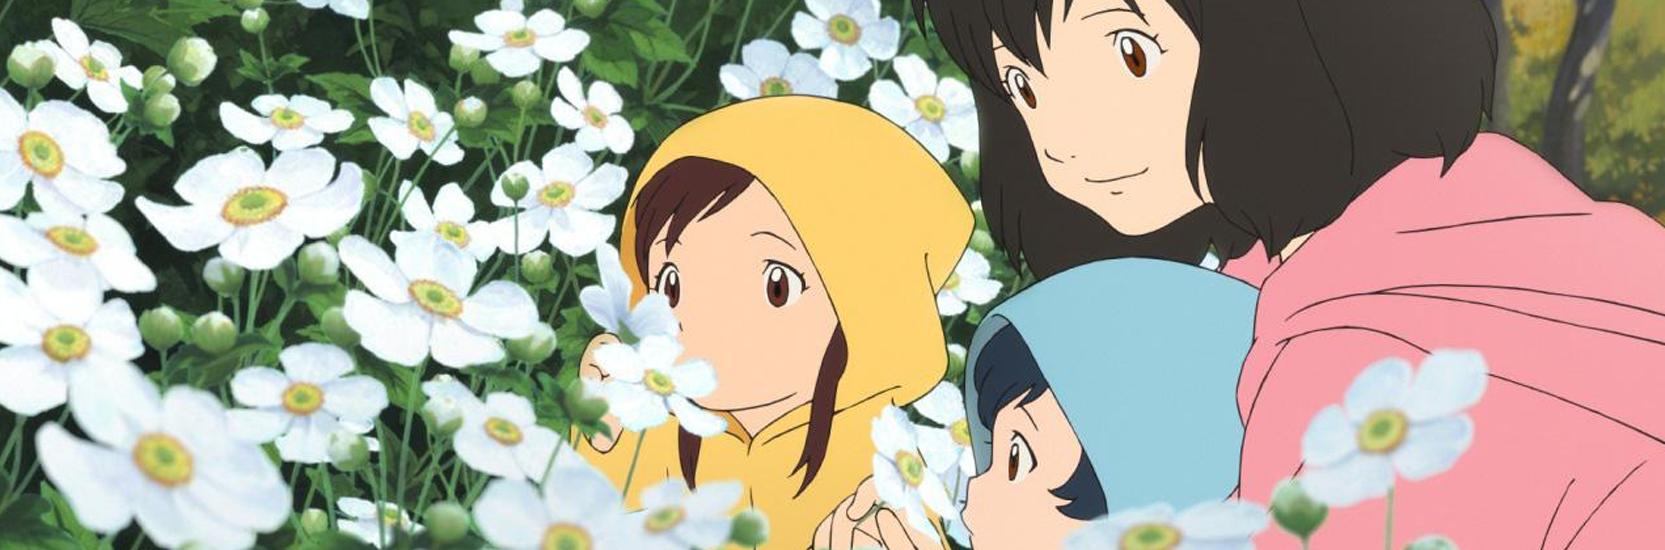 Critique – Les Enfants Loups, Ame et Yuki